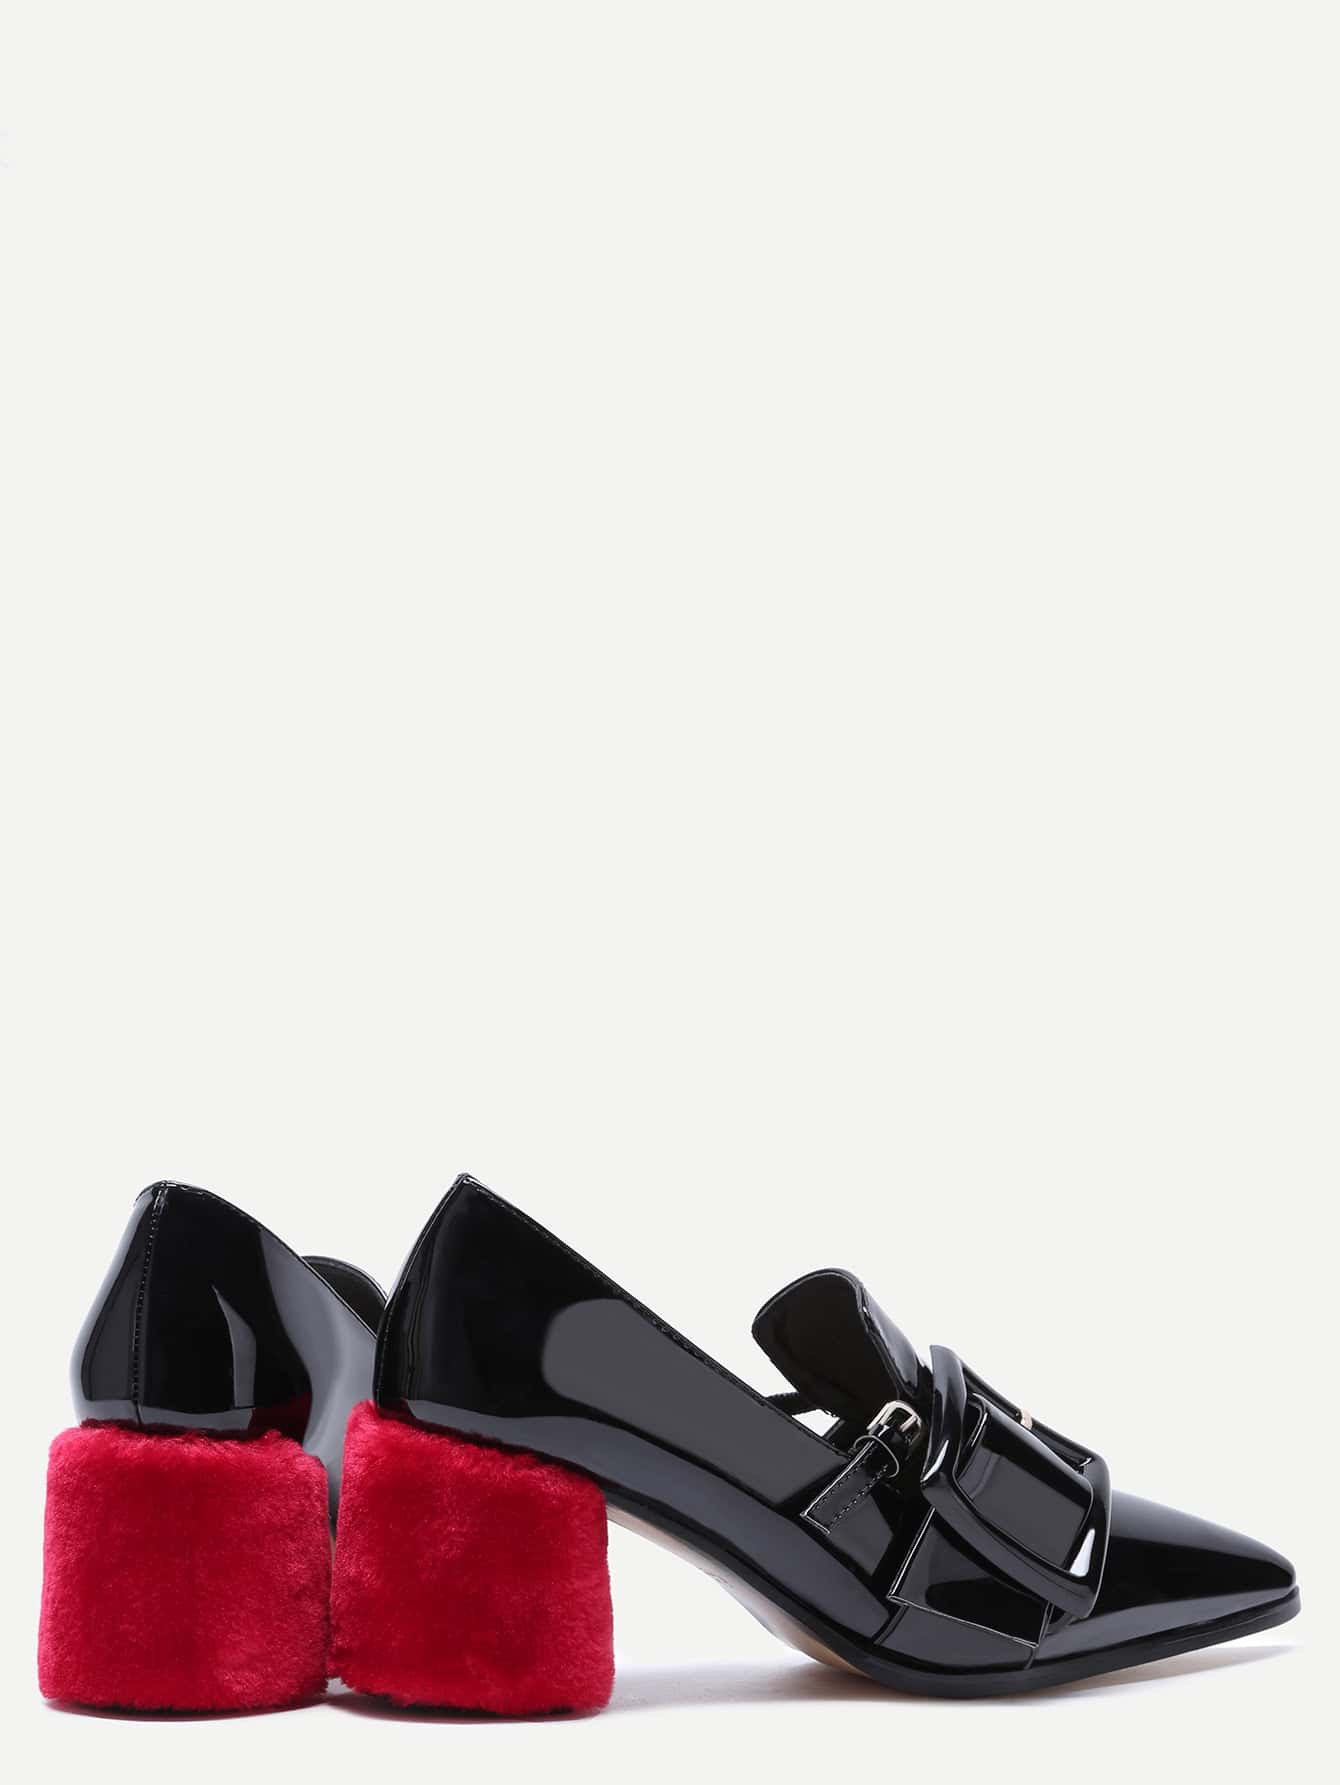 shoes161123801_2